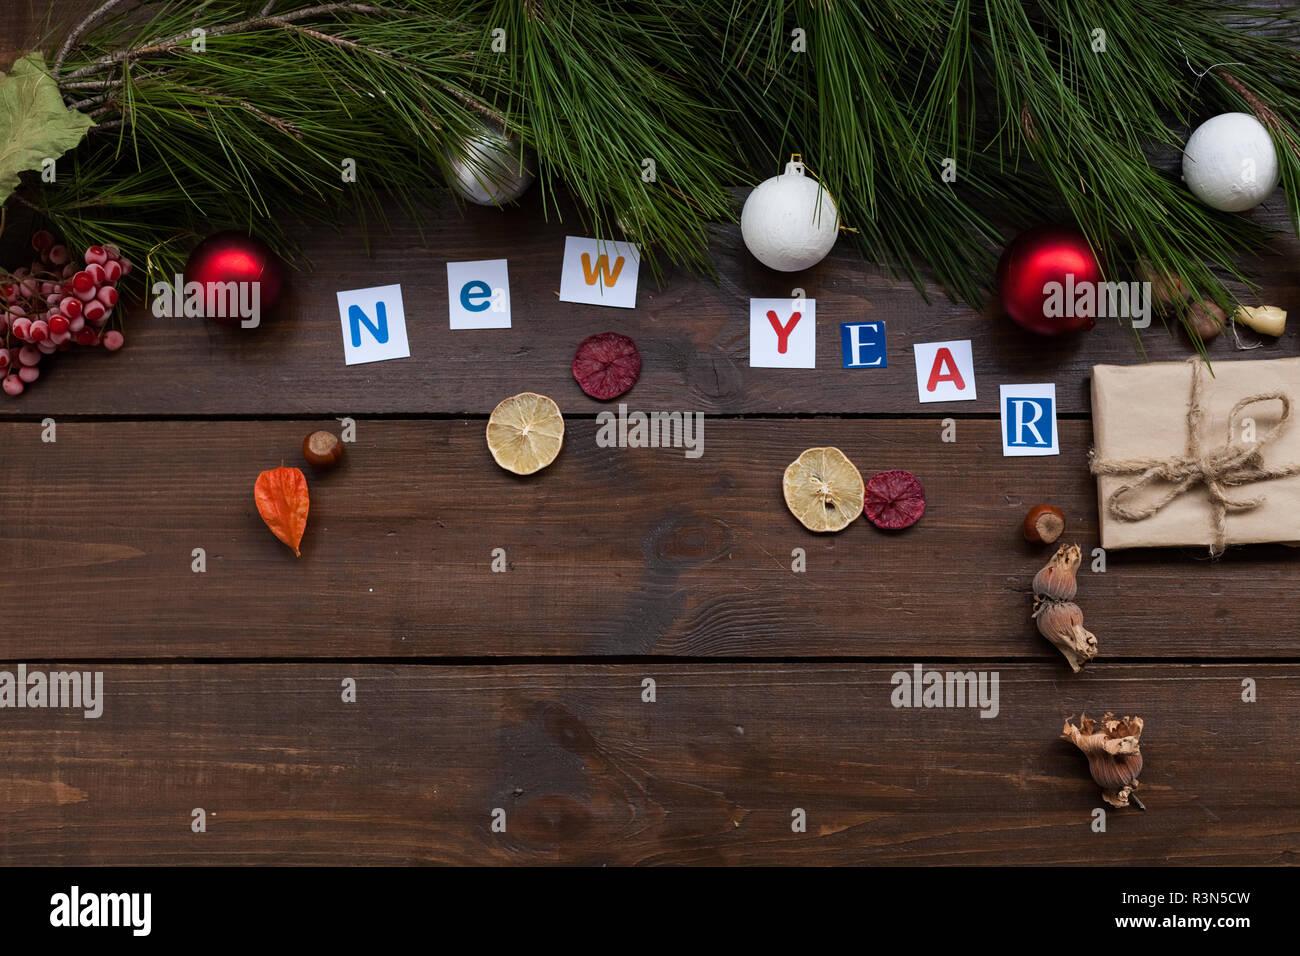 Weihnachten Geschenke 2019.Hintergrund Weihnachten Geschenke Weihnachten Neujahr Postkarte